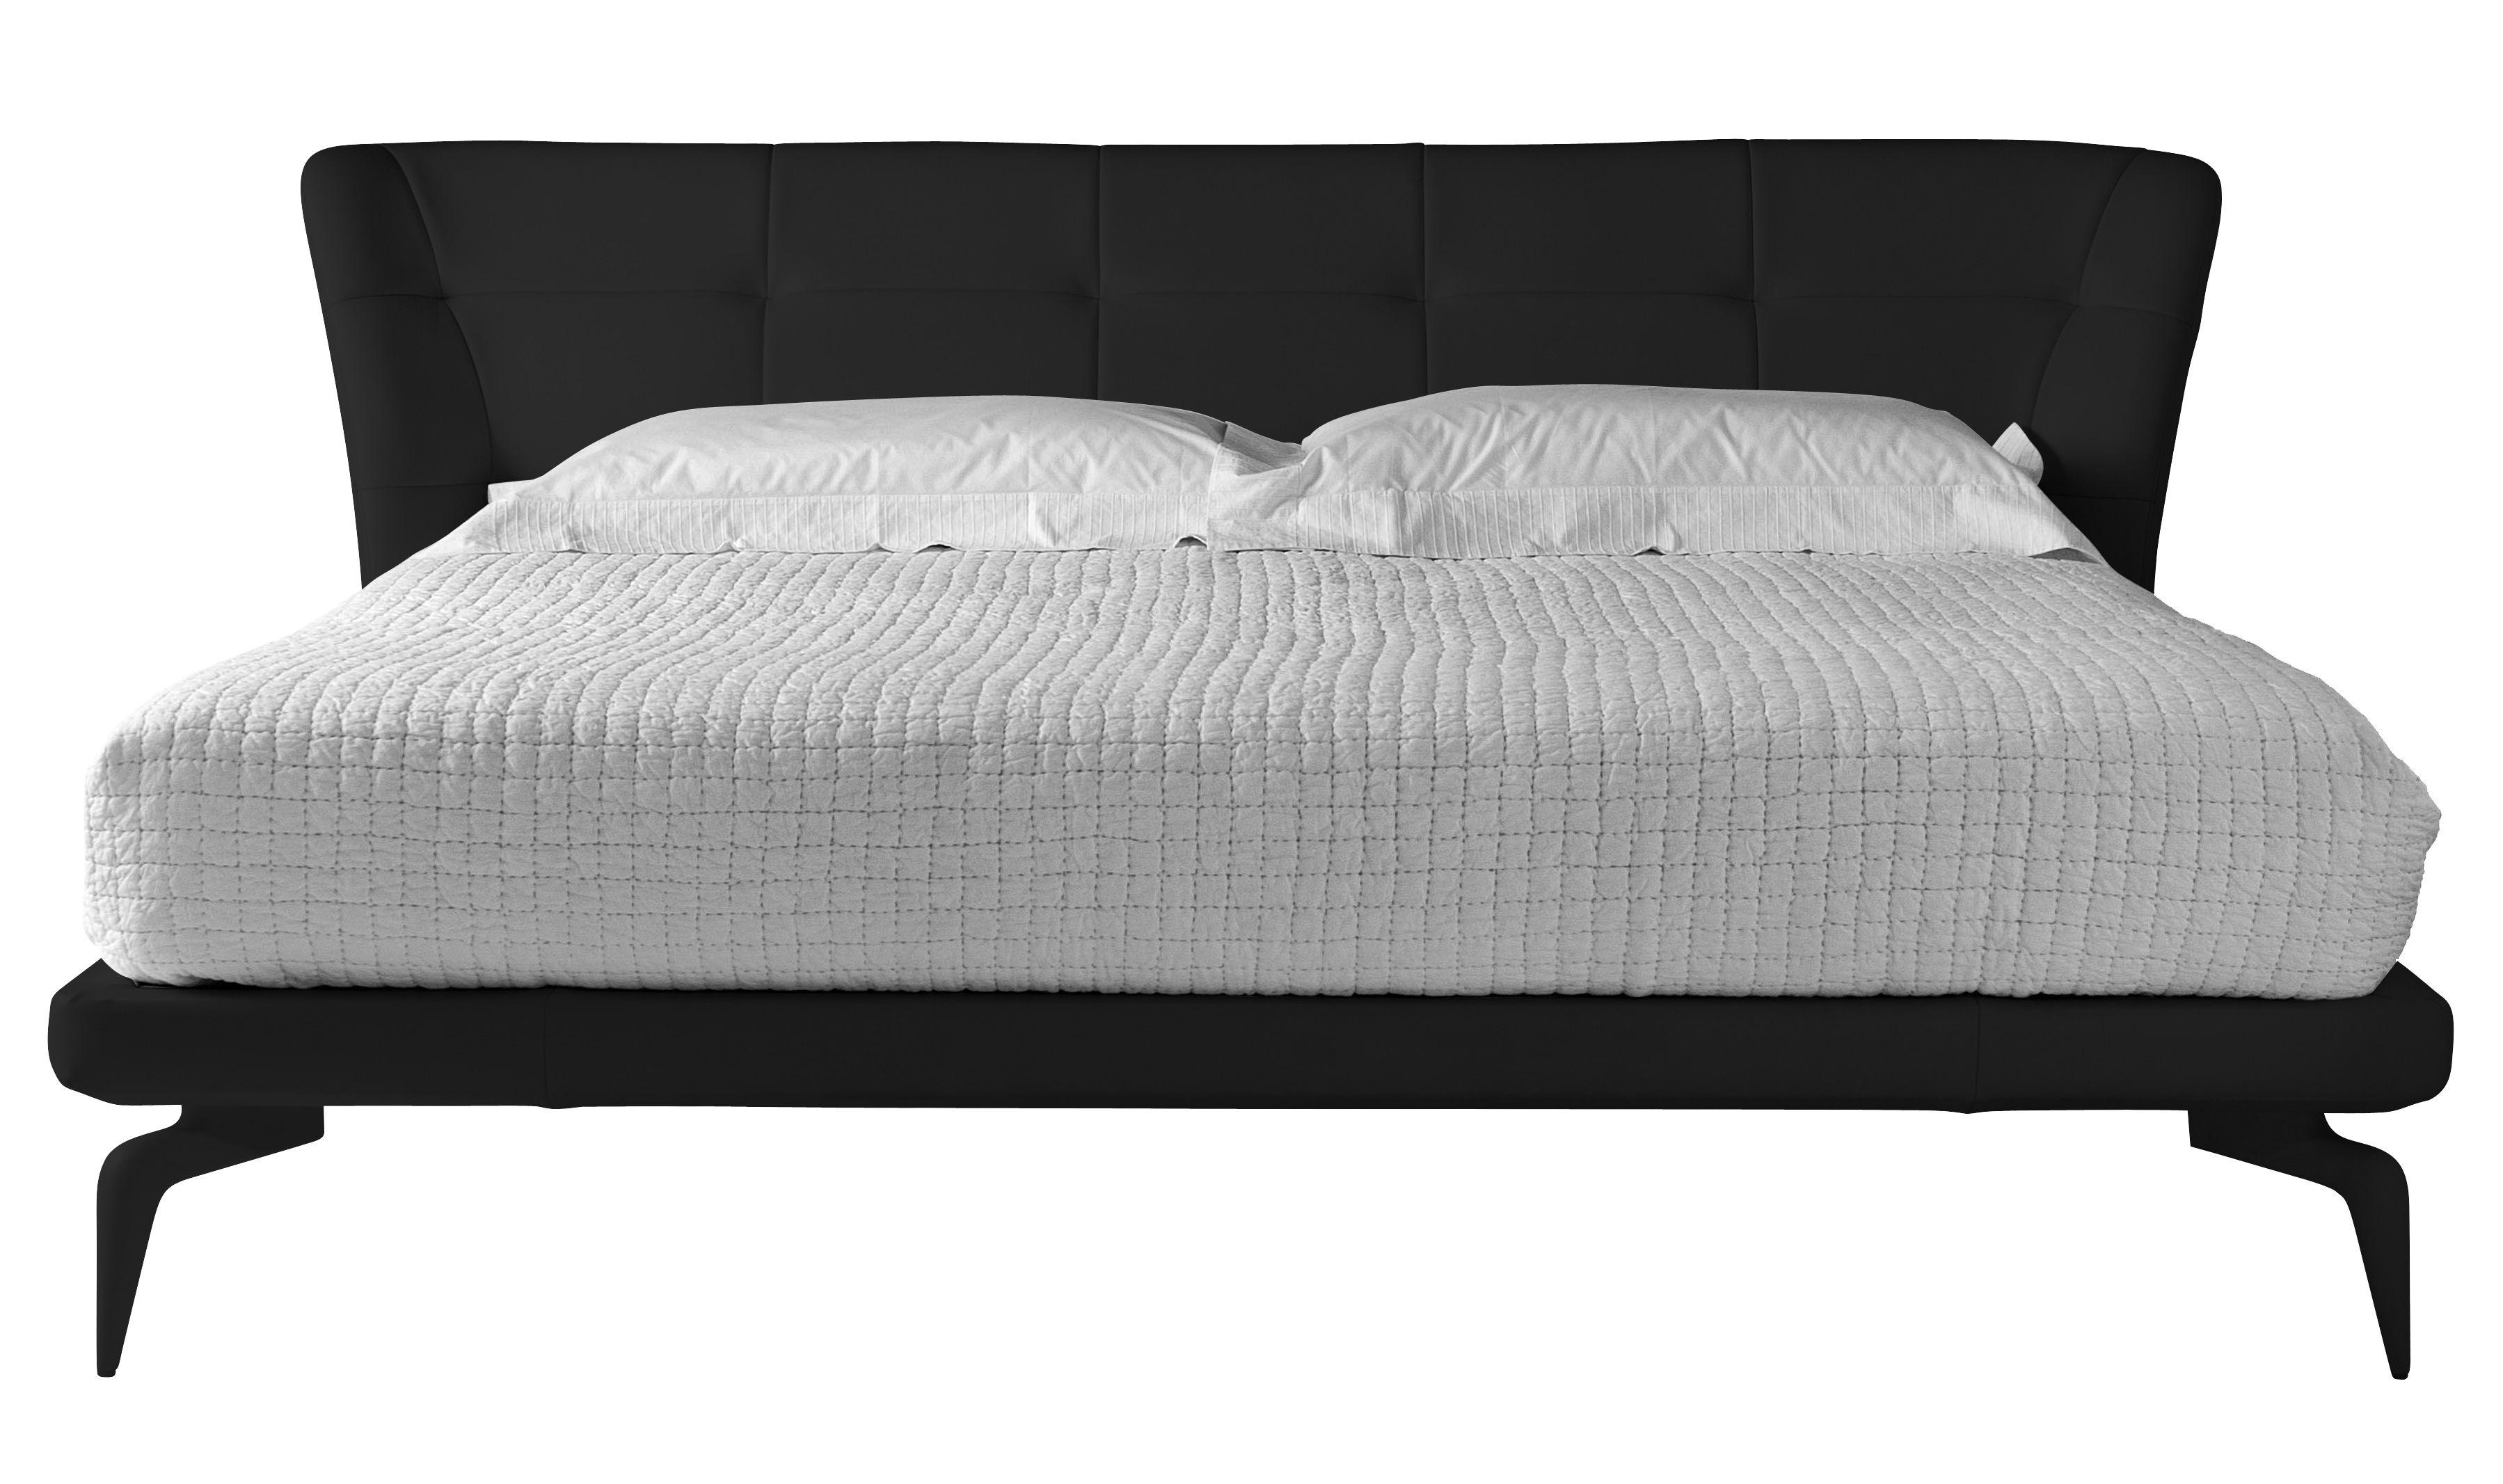 Arredamento - Letti - Letto matrimoniale Leeon - 2 posti di Driade - Pelle nera - Alluminio laccato, Pelle